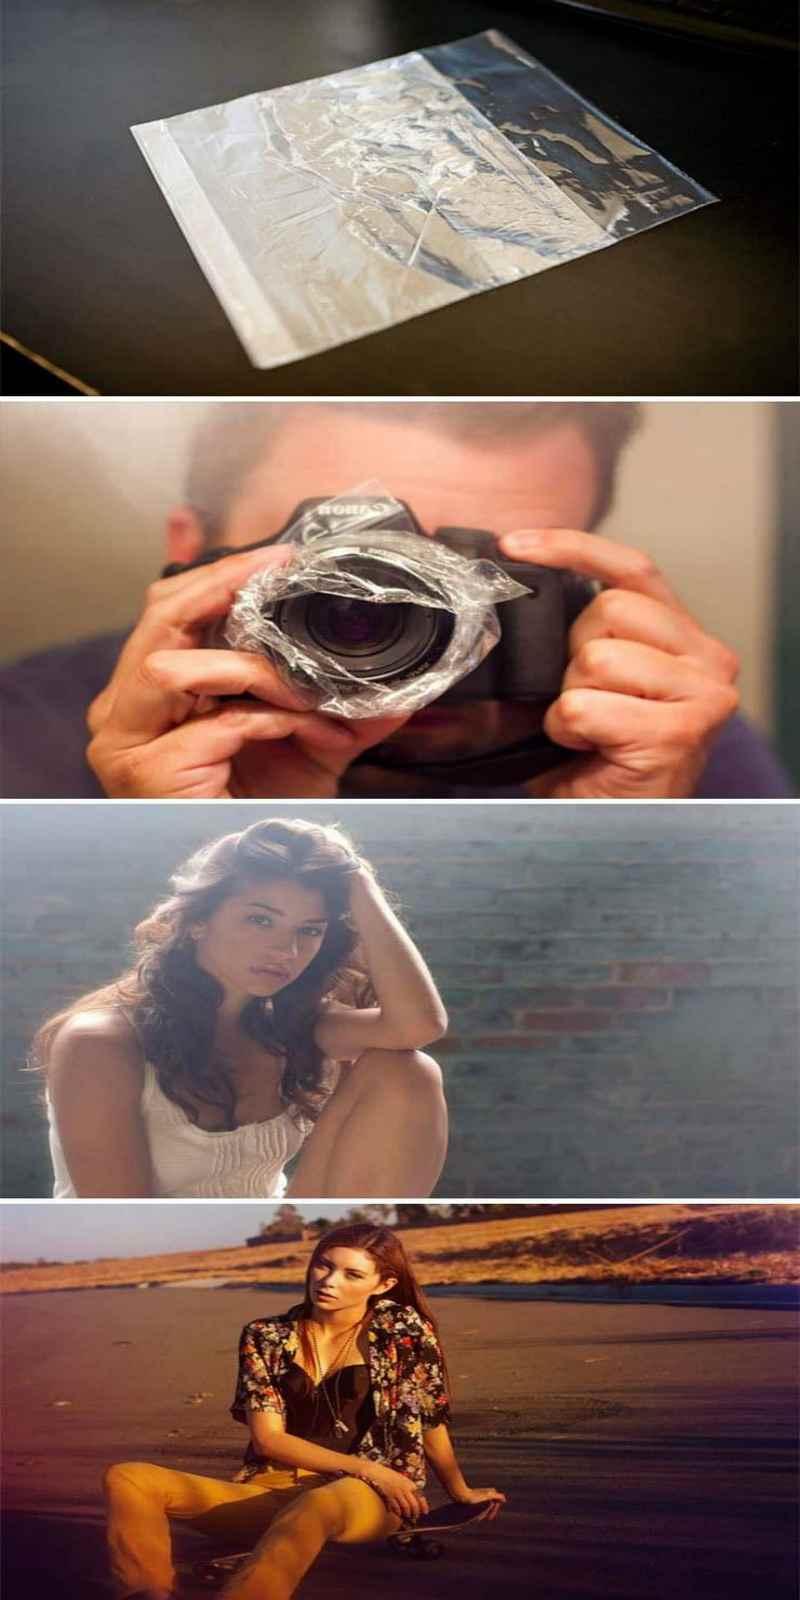 Любите фотографировать? Тогда эти гениальные лайфхаки для Вас